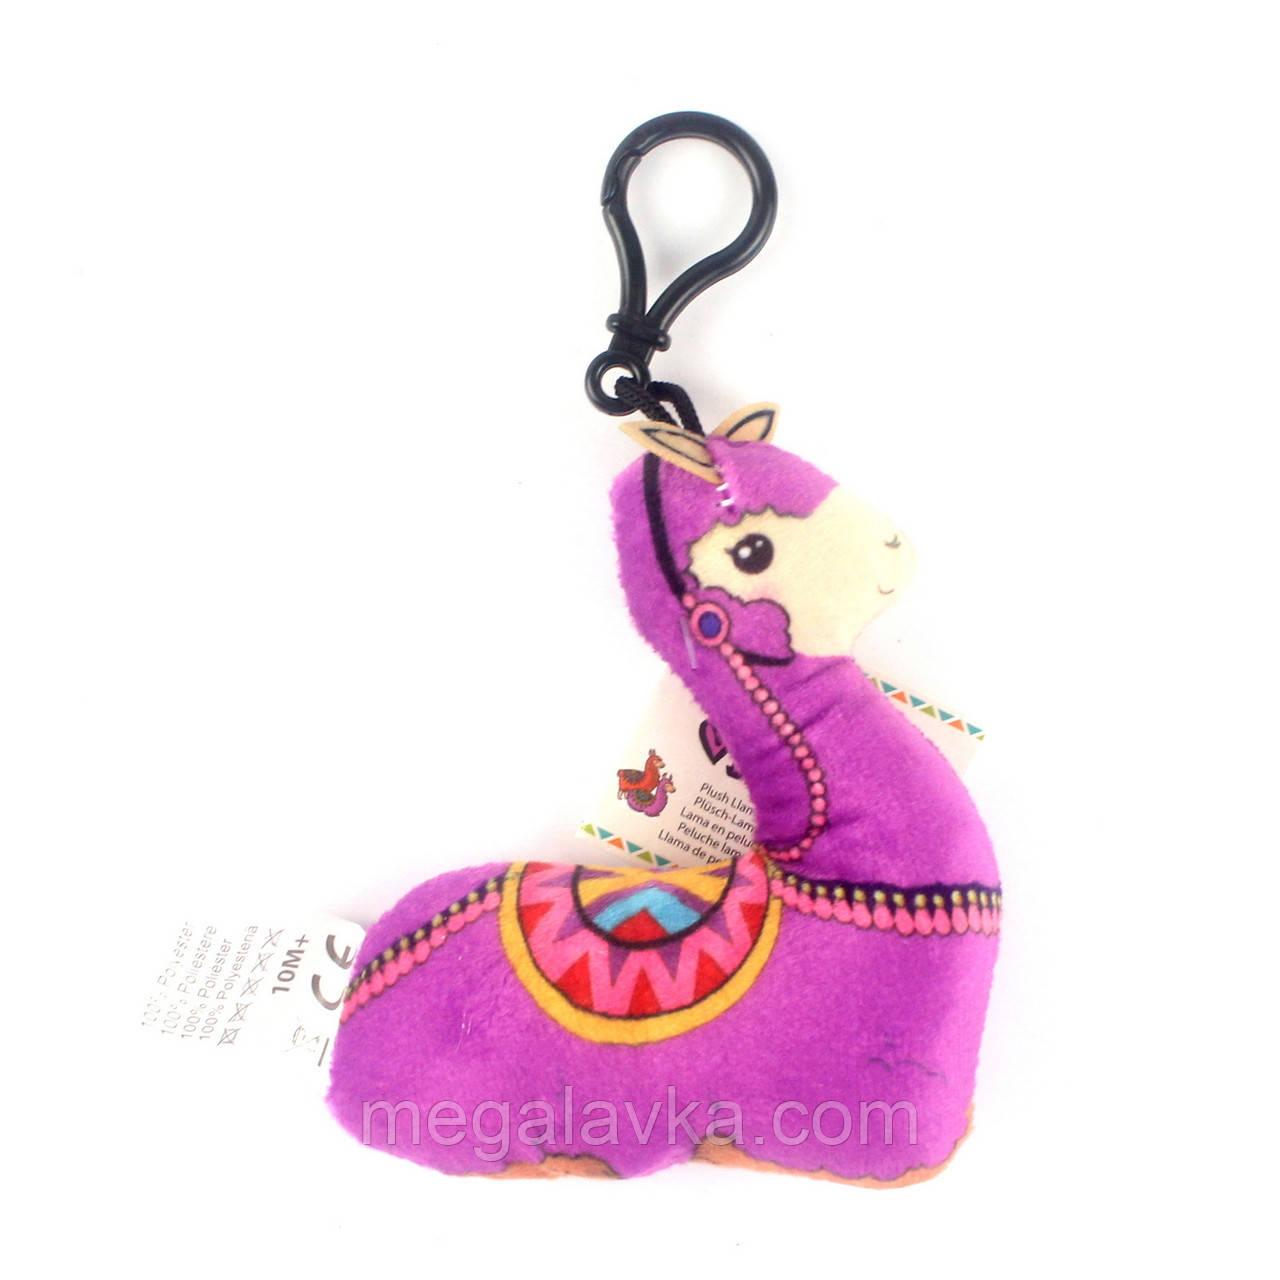 """Плюшевая игрушка """"Музыкальная лама"""", розовая"""